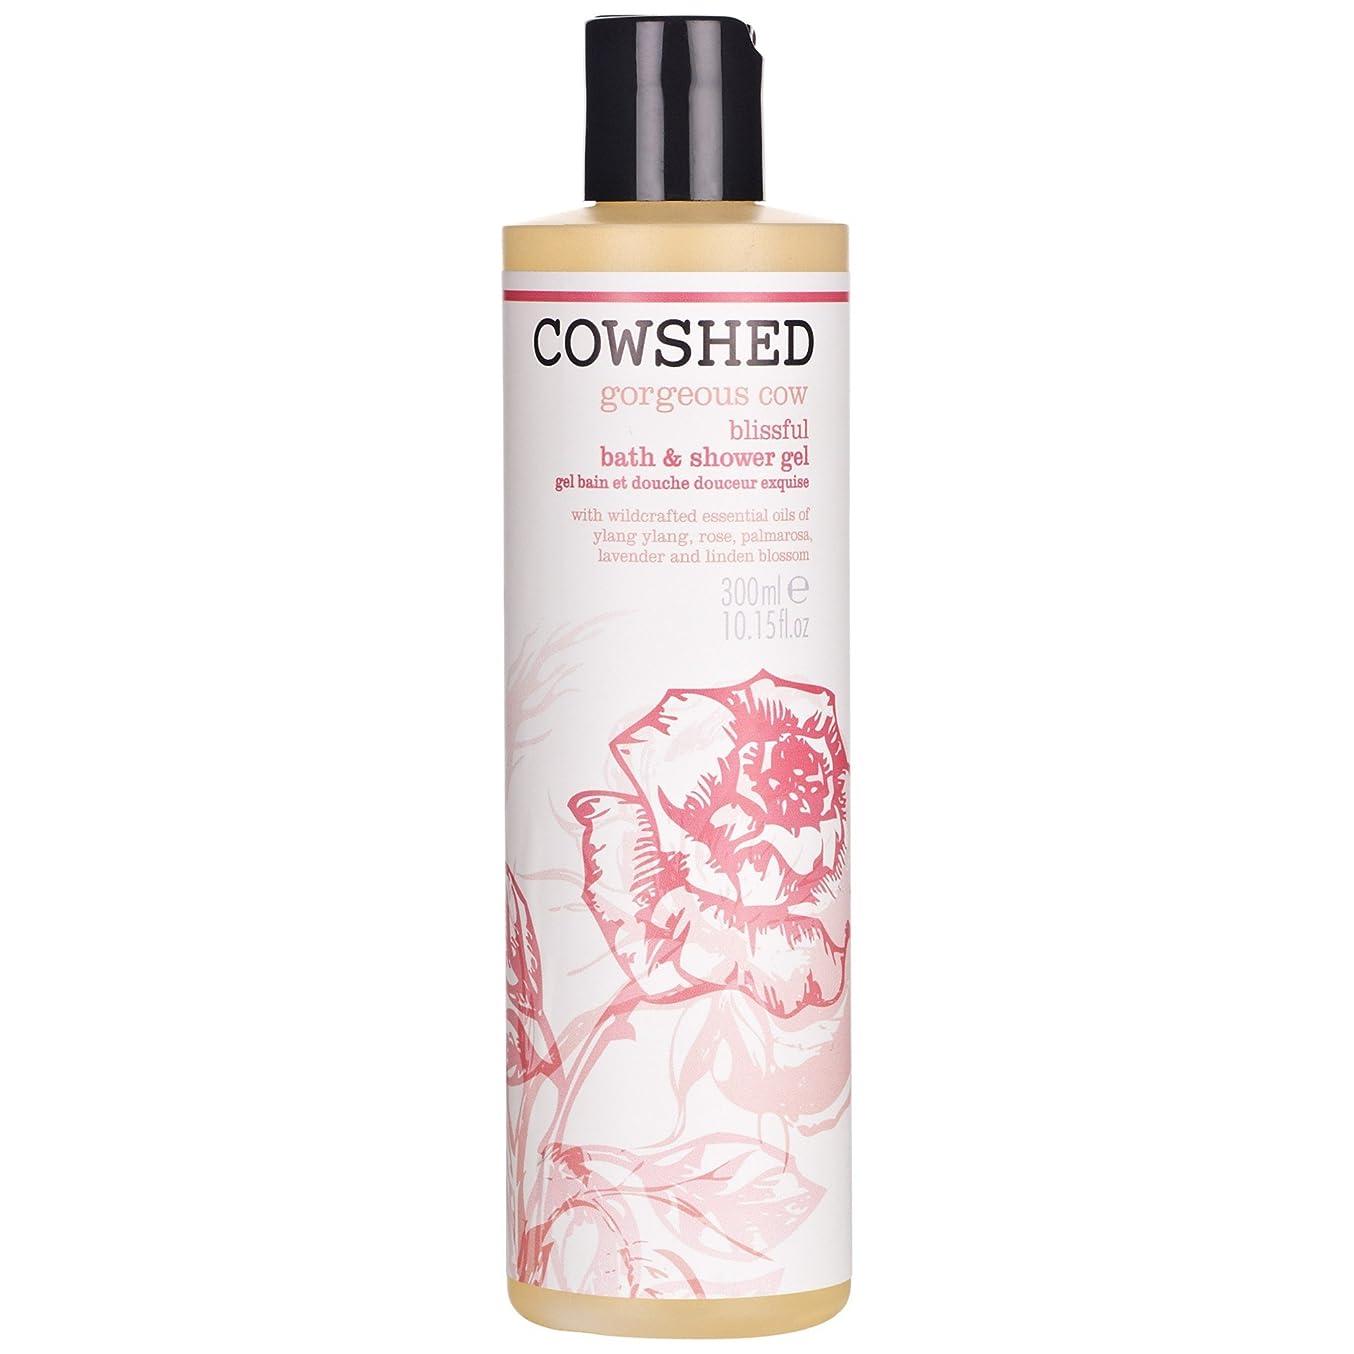 スペードロンドンボイド牛舎ゴージャスな牛のバス&シャワージェル300ミリリットル (Cowshed) (x6) - Cowshed Gorgeous Cow Bath & Shower Gel 300ml (Pack of 6) [並行輸入品]